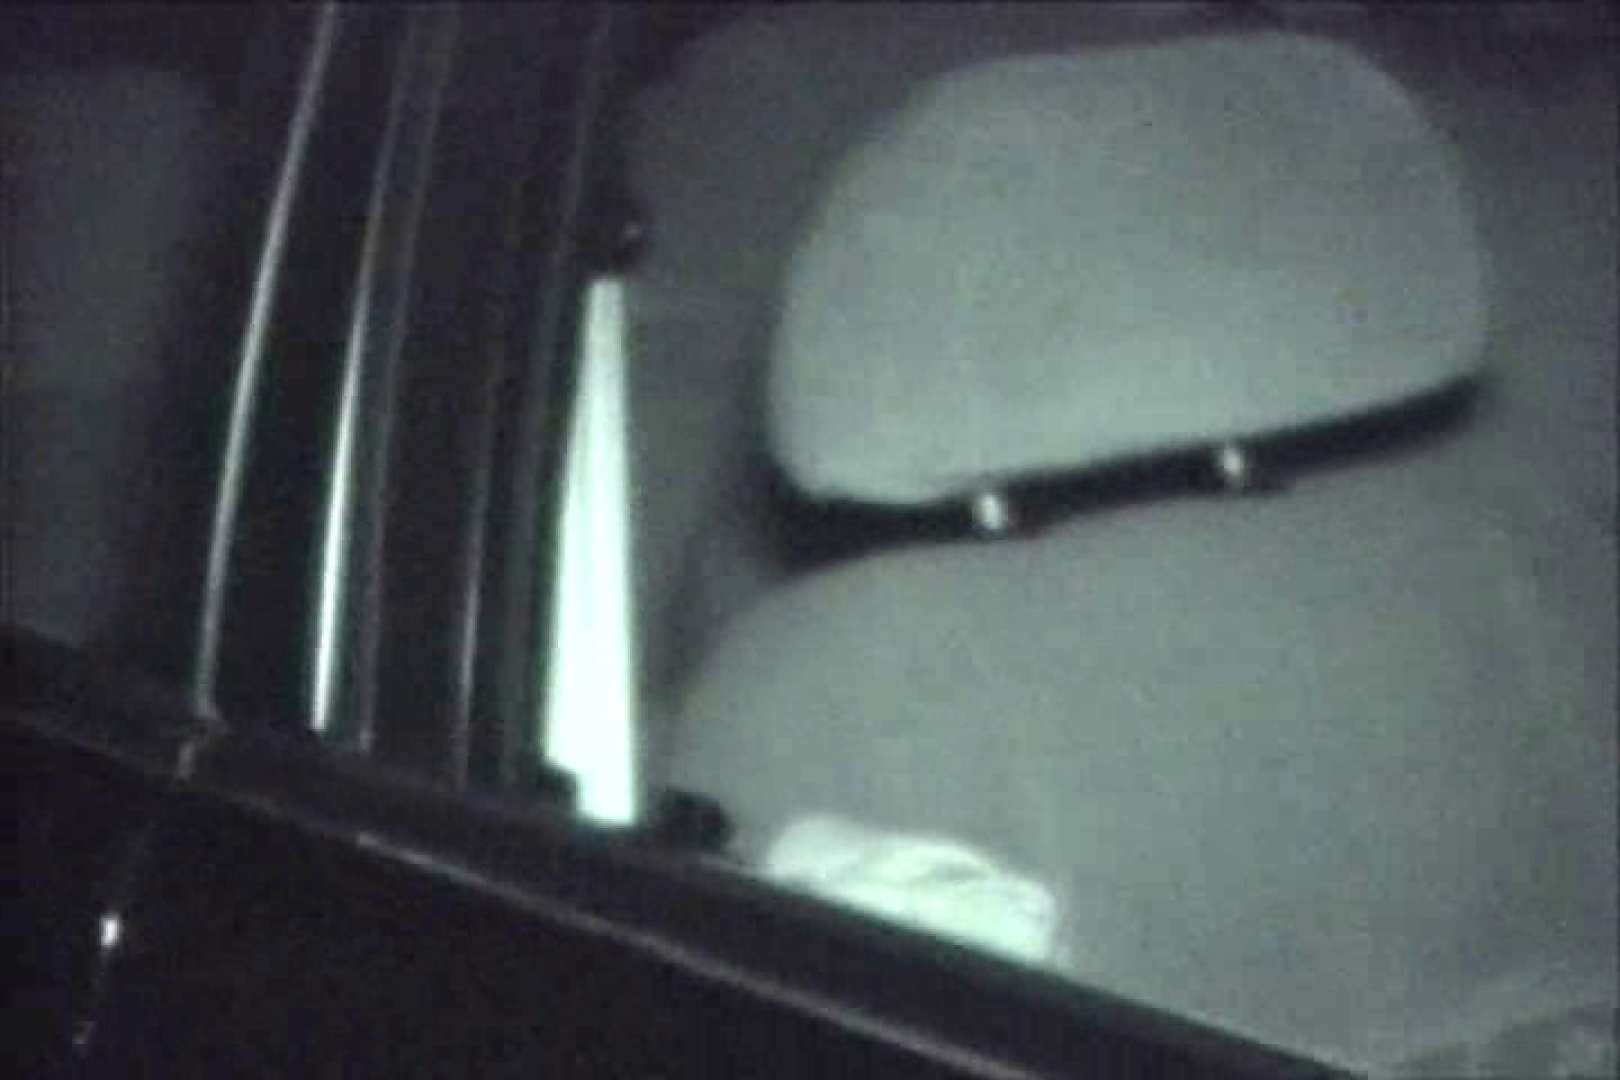 車の中はラブホテル 無修正版  Vol.16 丸見え 盗撮動画紹介 96枚